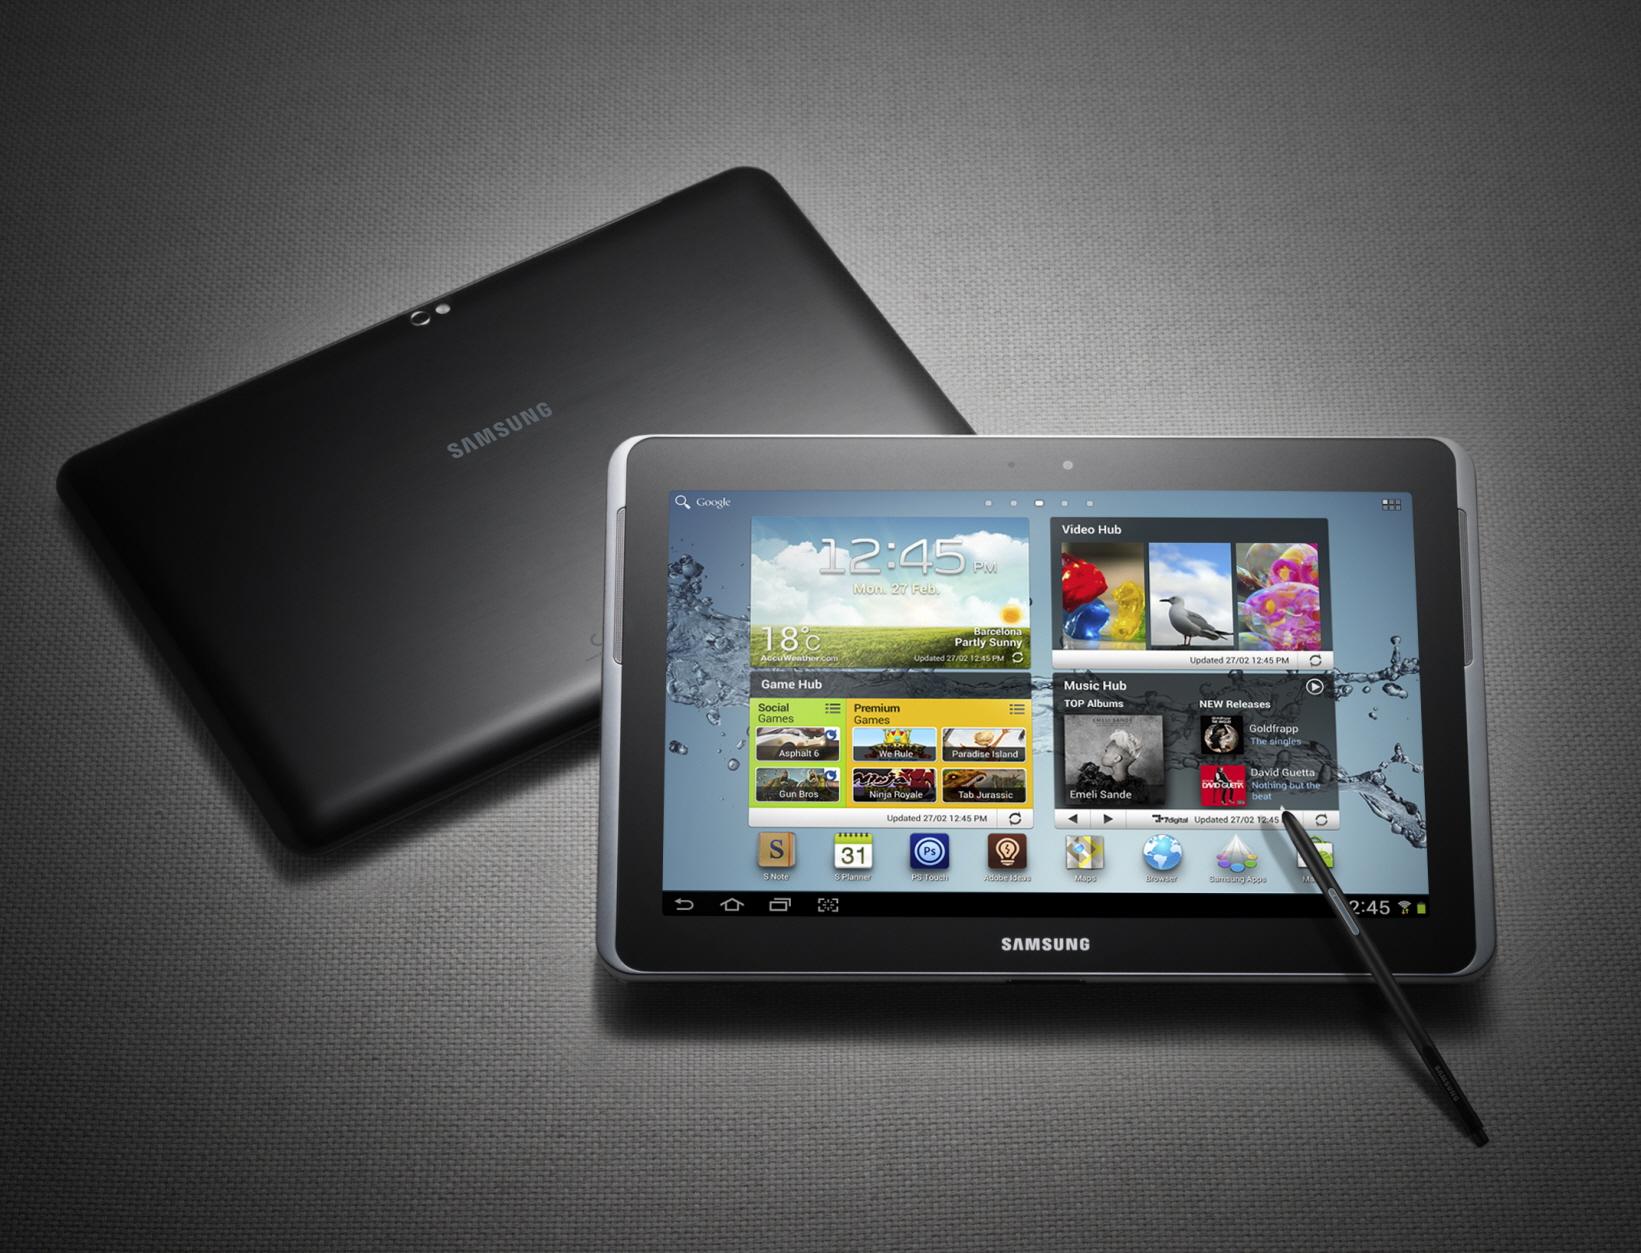 News Terminali | Samsung Galaxy Note 10.1 ufficialmente presentato a MWC 2012 [AGGIORNAMENTO: Prezzo e Data]